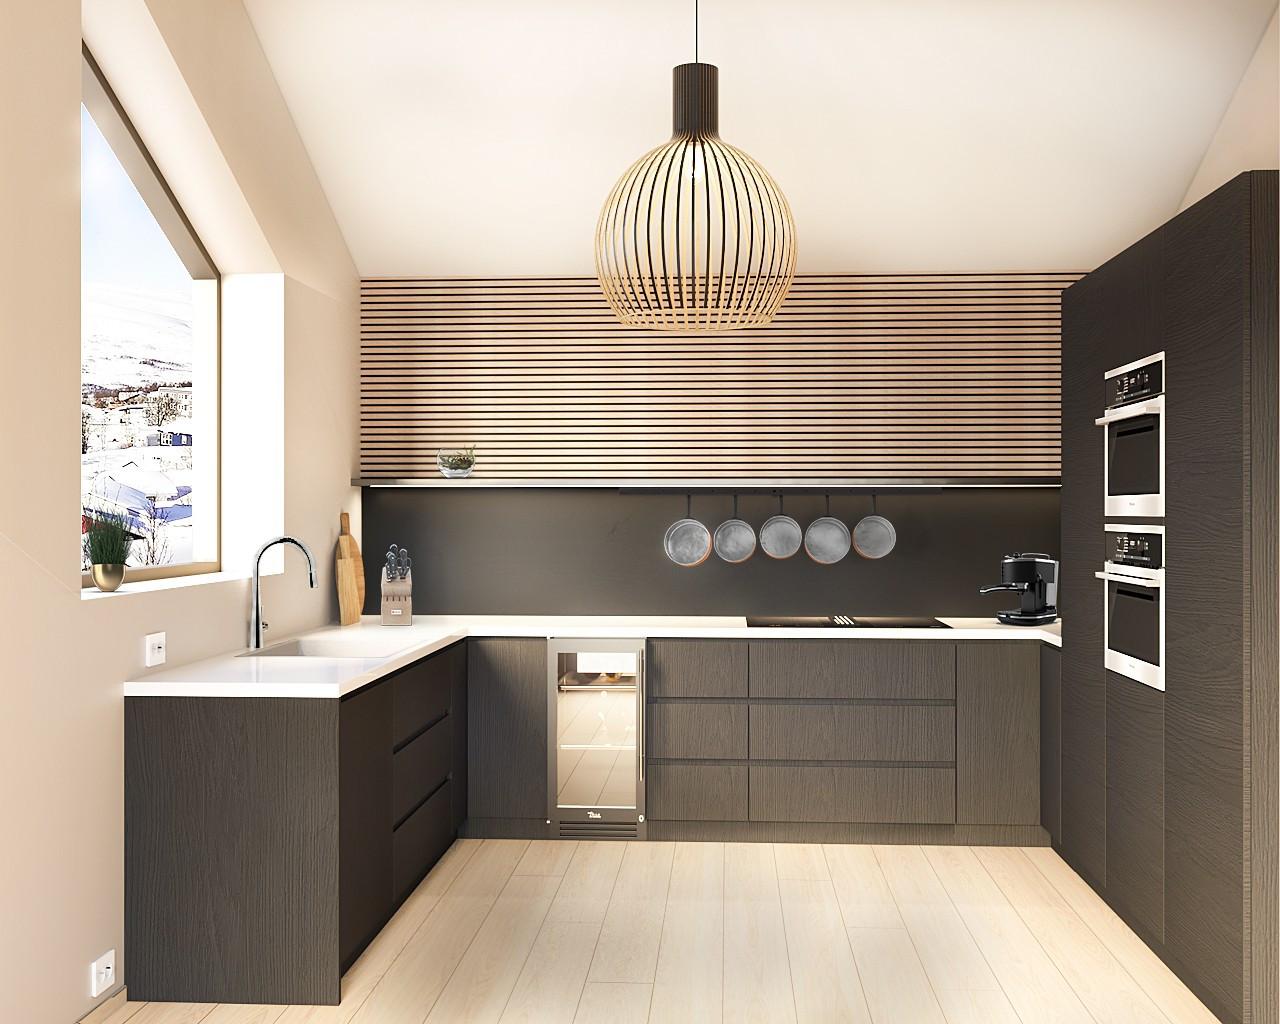 Kjøkken seksjon A